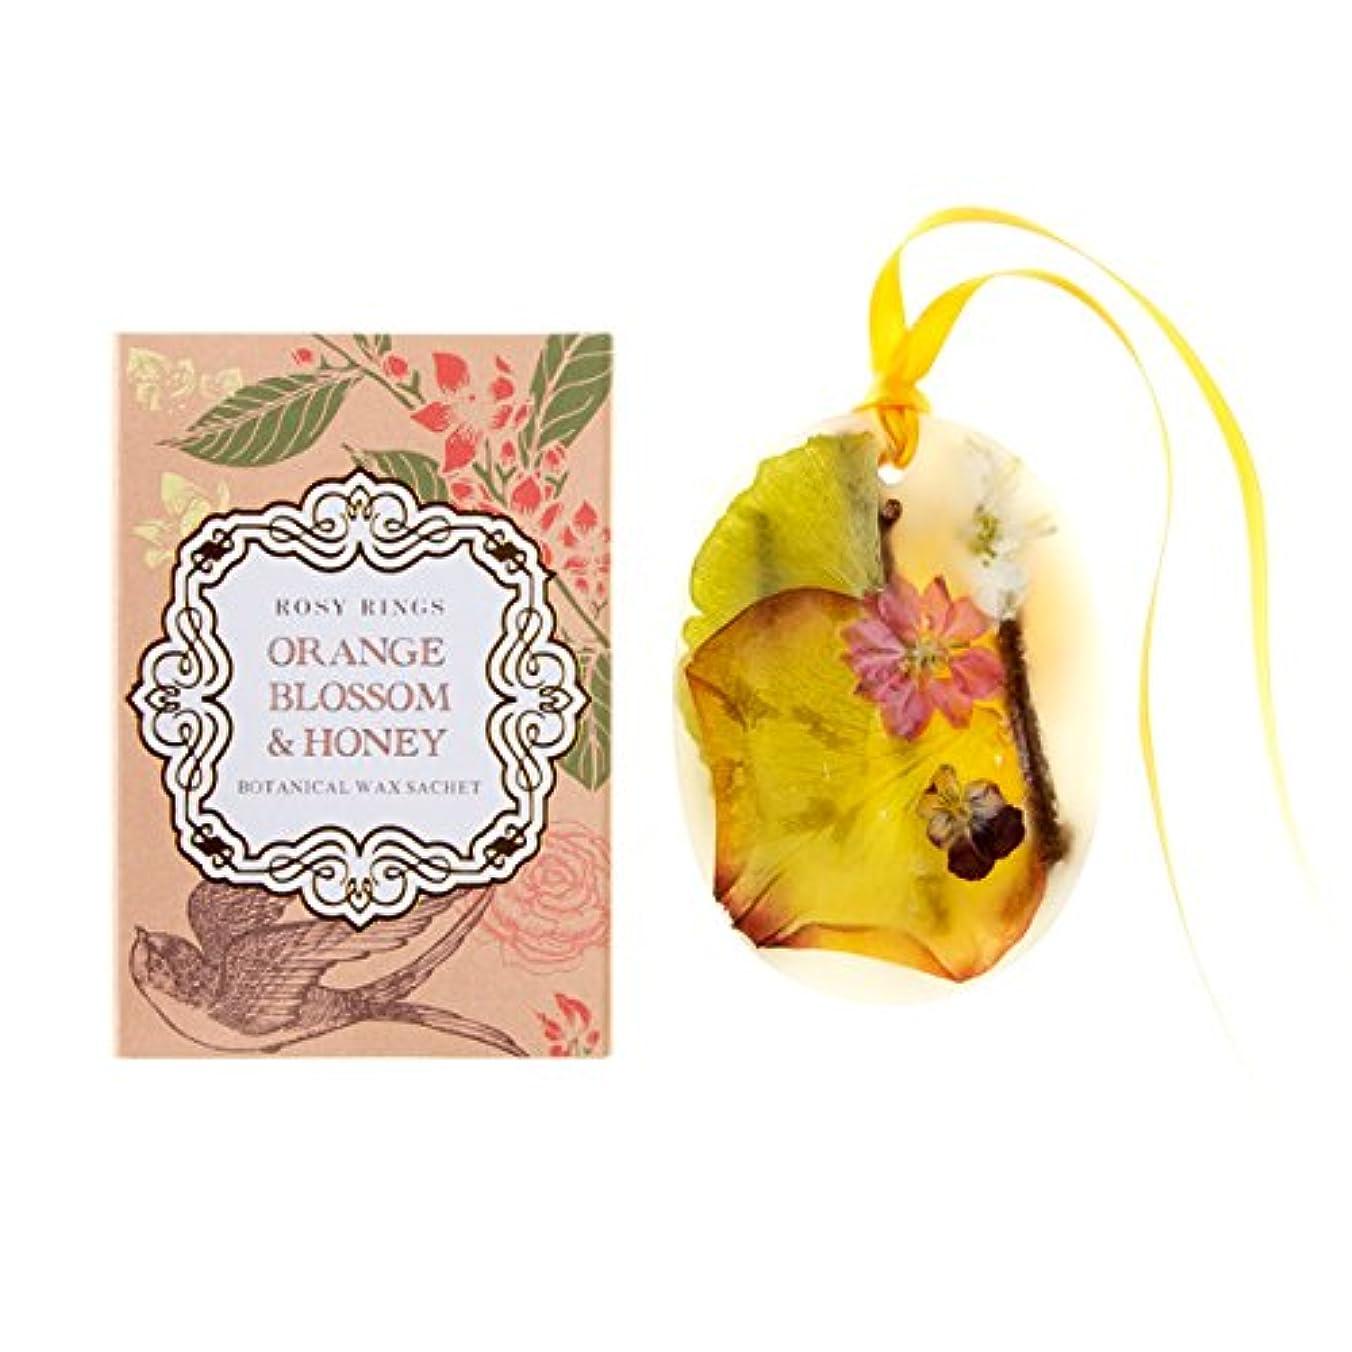 びっくりしたすでにバーベキューロージーリングス プティボタニカルサシェ オレンジブロッサム&ハニー ROSY RINGS Petite Oval Botanical Wax Sachet Orange Blossom & Honey